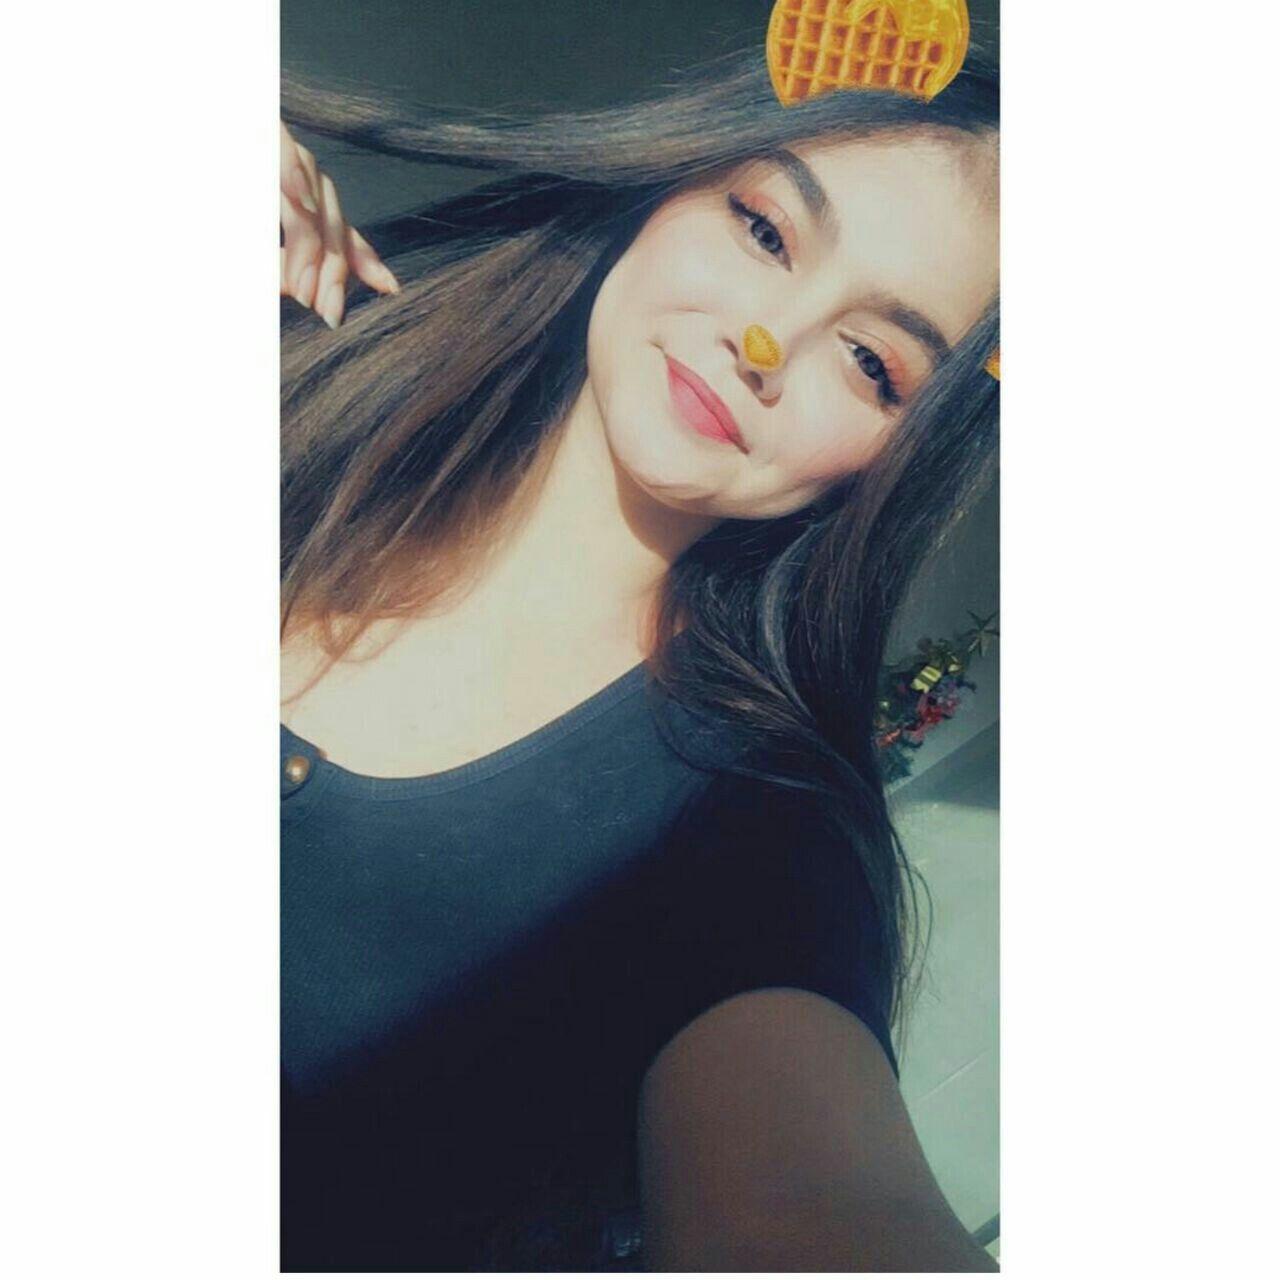 Pin On Snapchat Tings